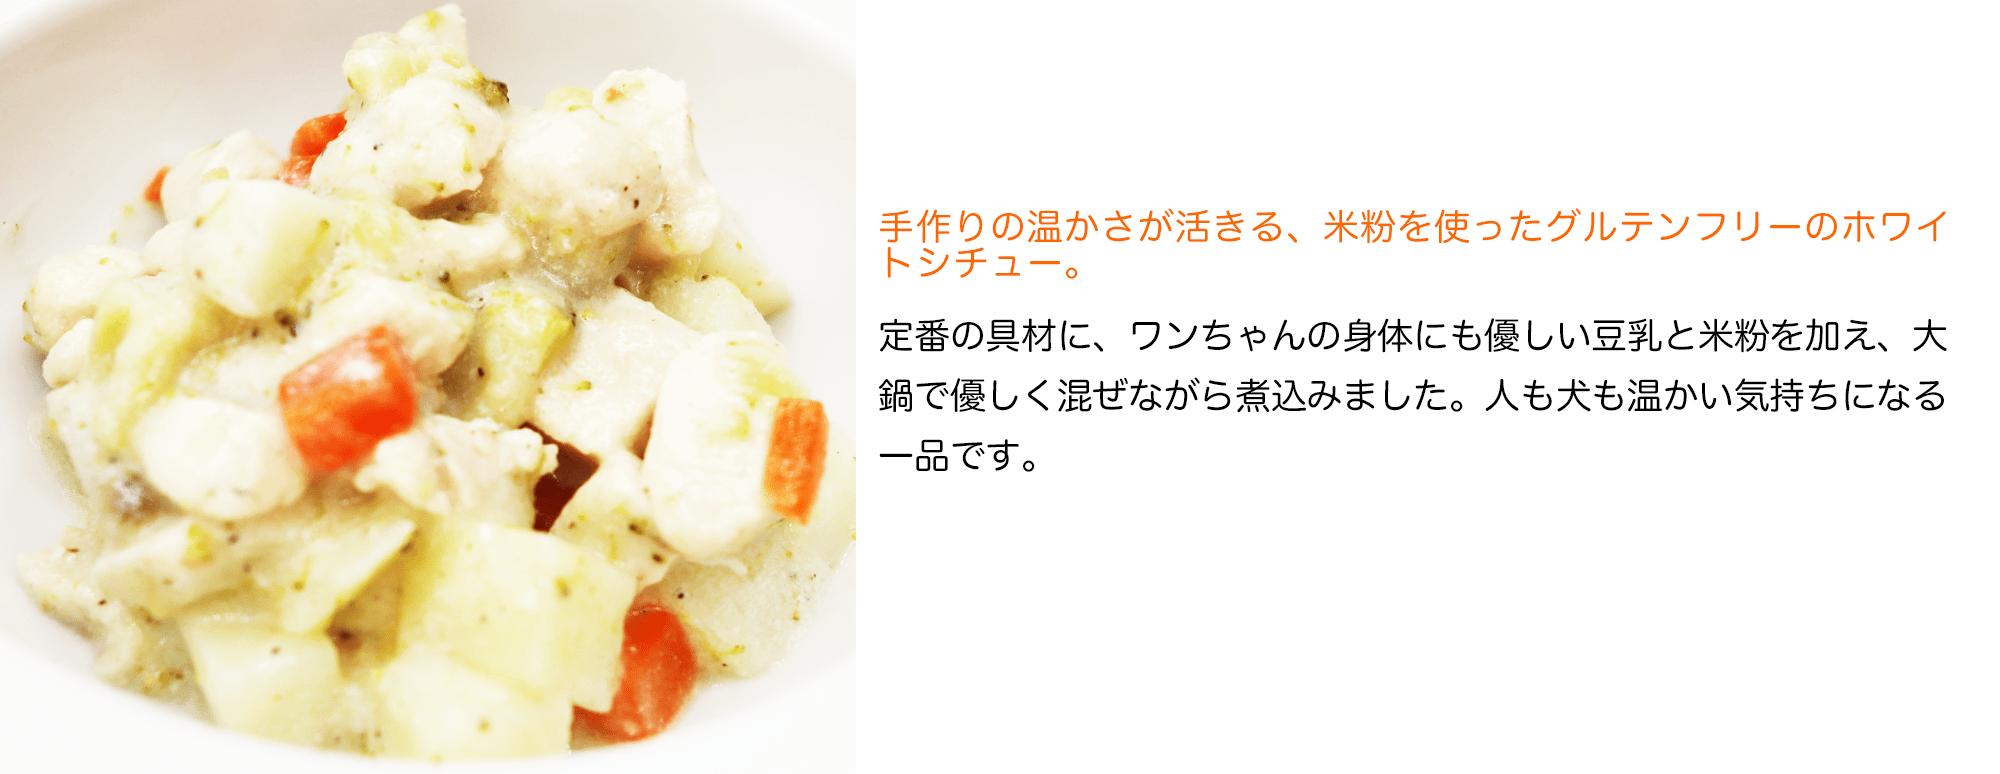 豆乳仕立てのホワイトシチュー